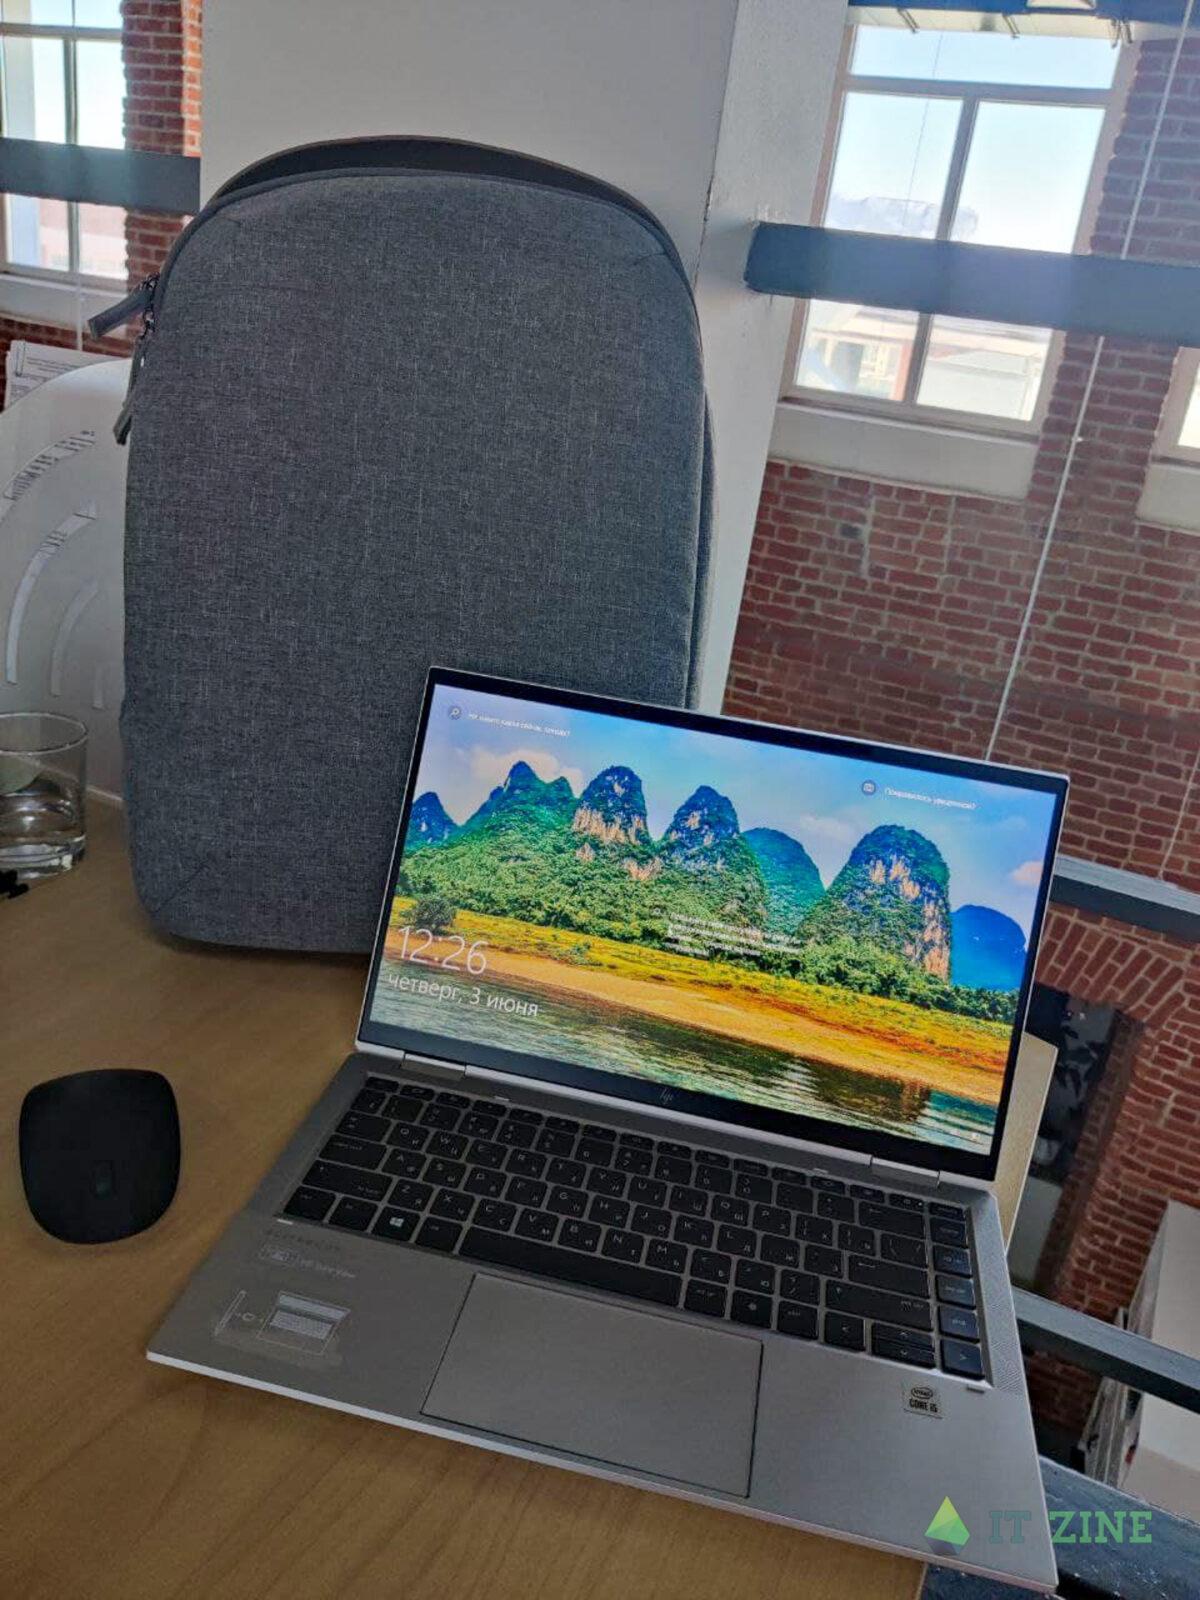 Обзор ноутбука HP EliteBook x360 1040 G7: трансформер для работы и развлечений (hp elitebook 1040 g7 08)